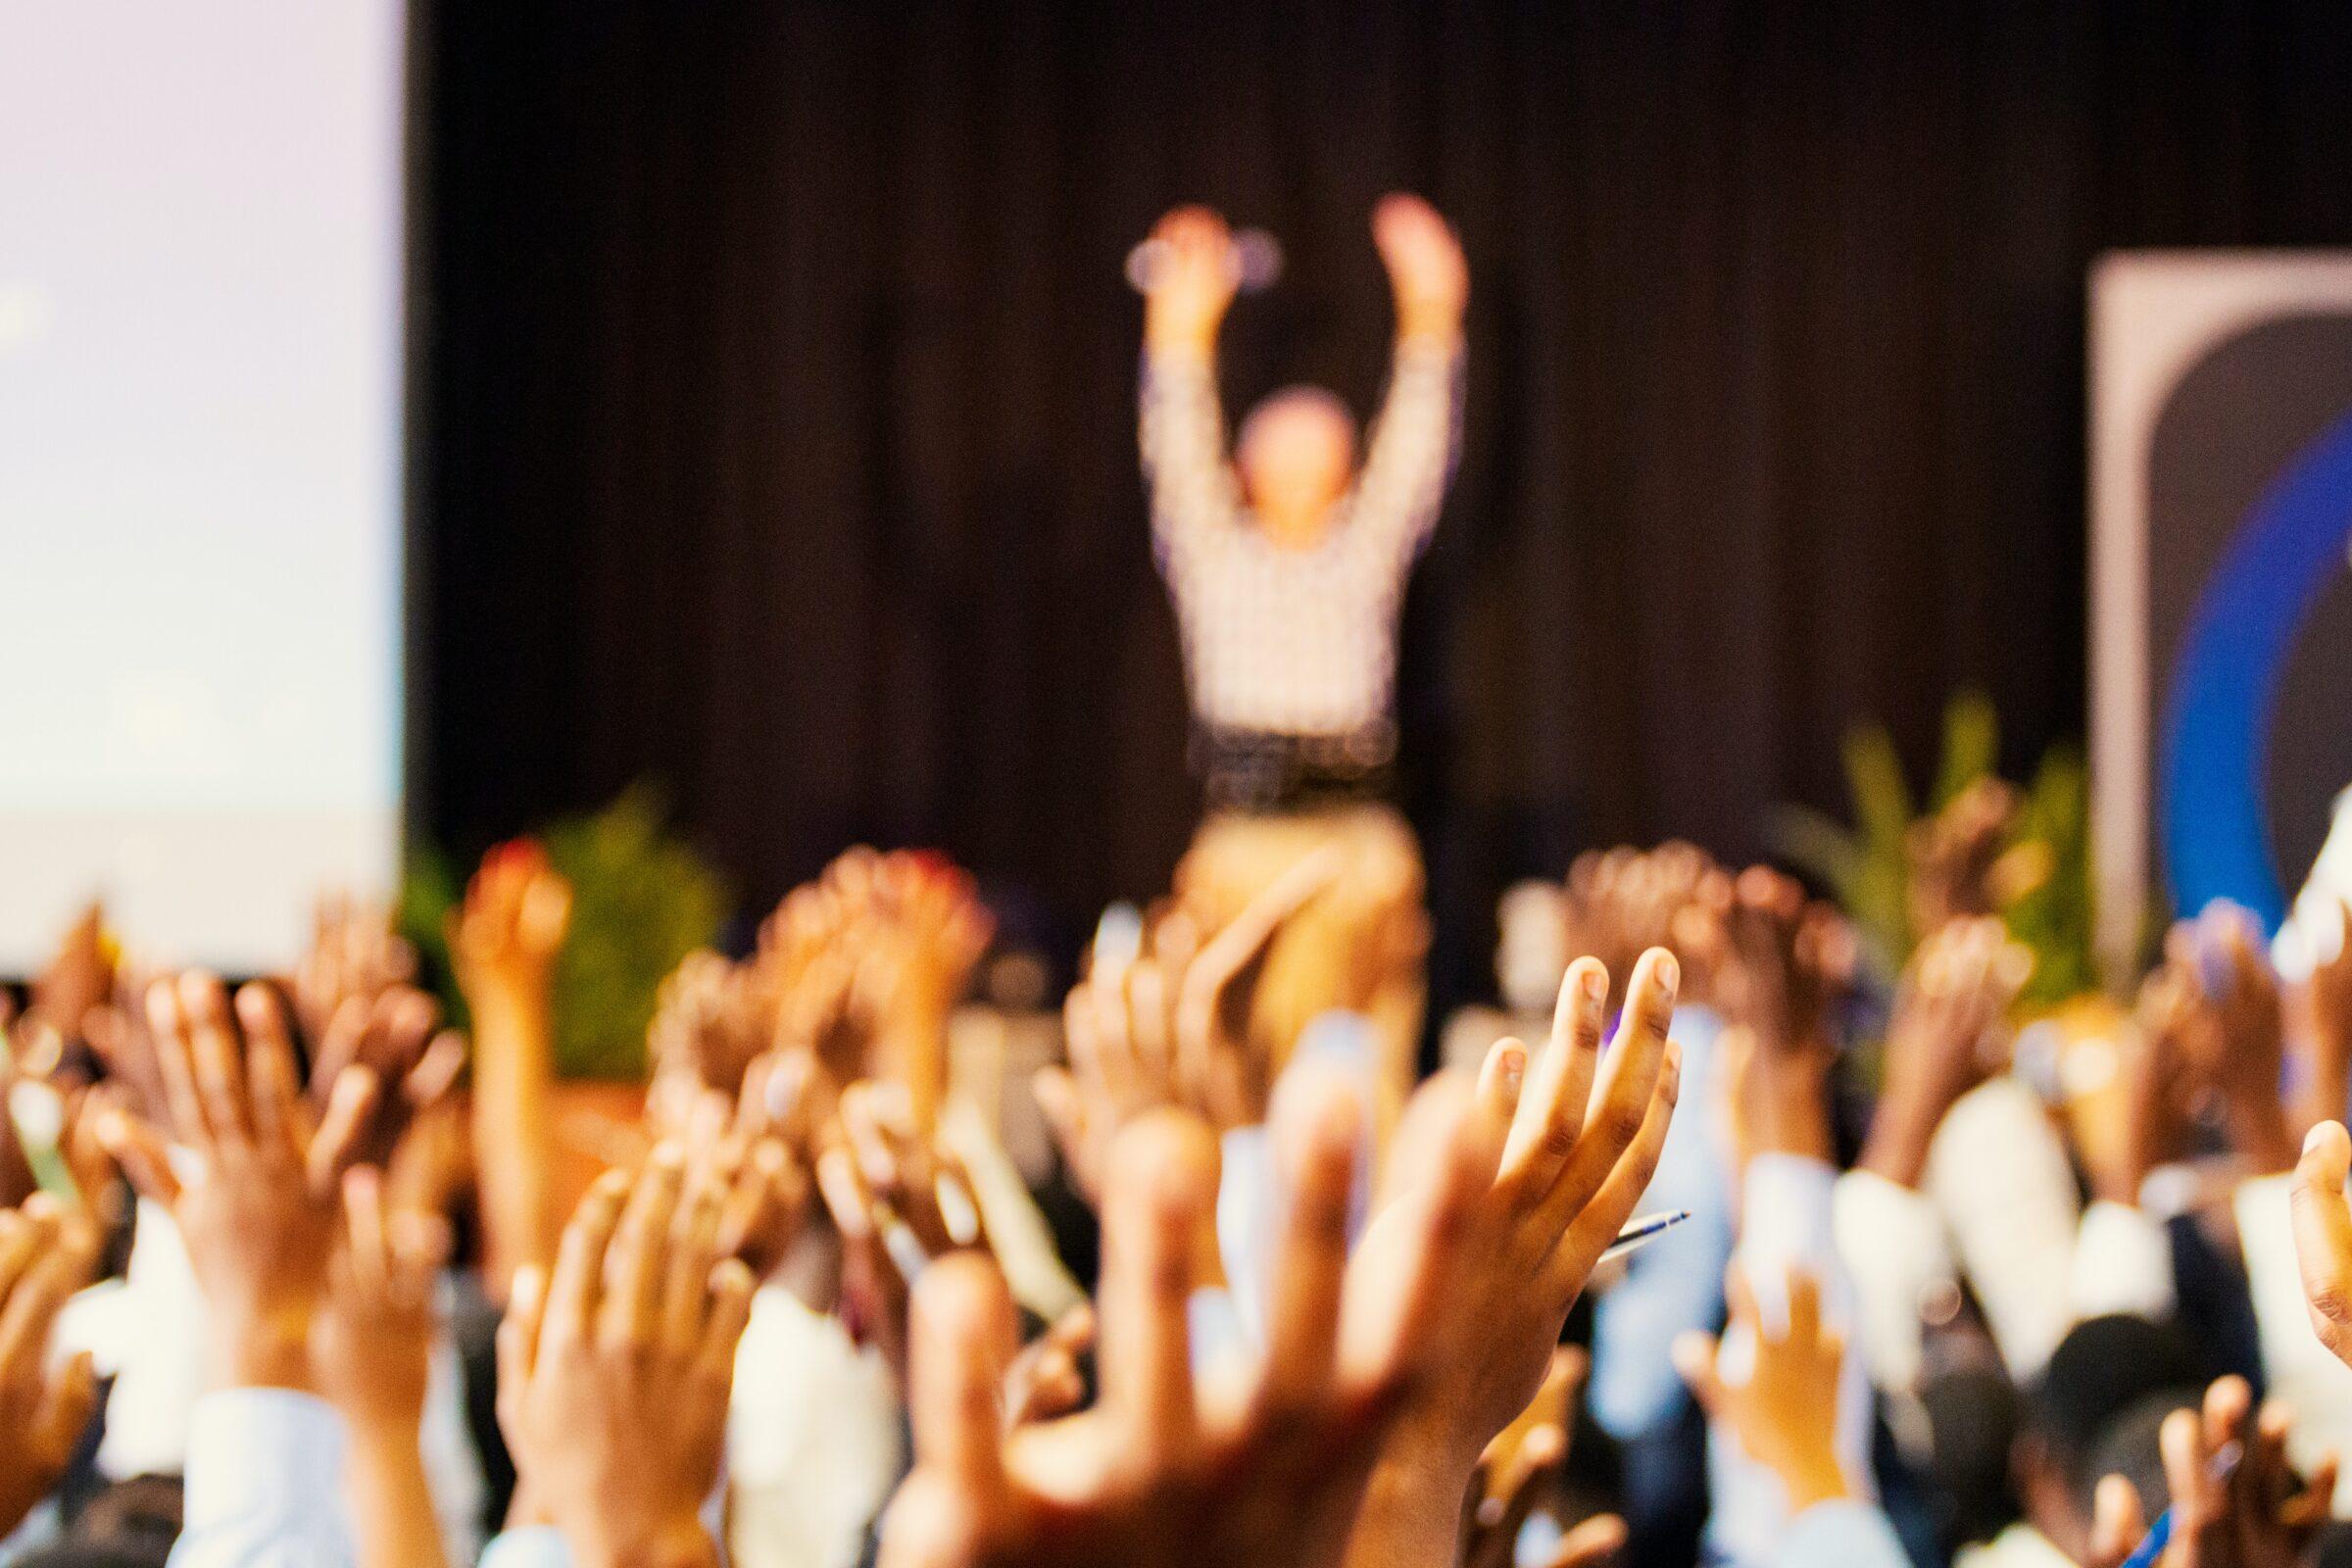 Opgestoken handen in de lucht met vaag op de achtergrond een man op het podium